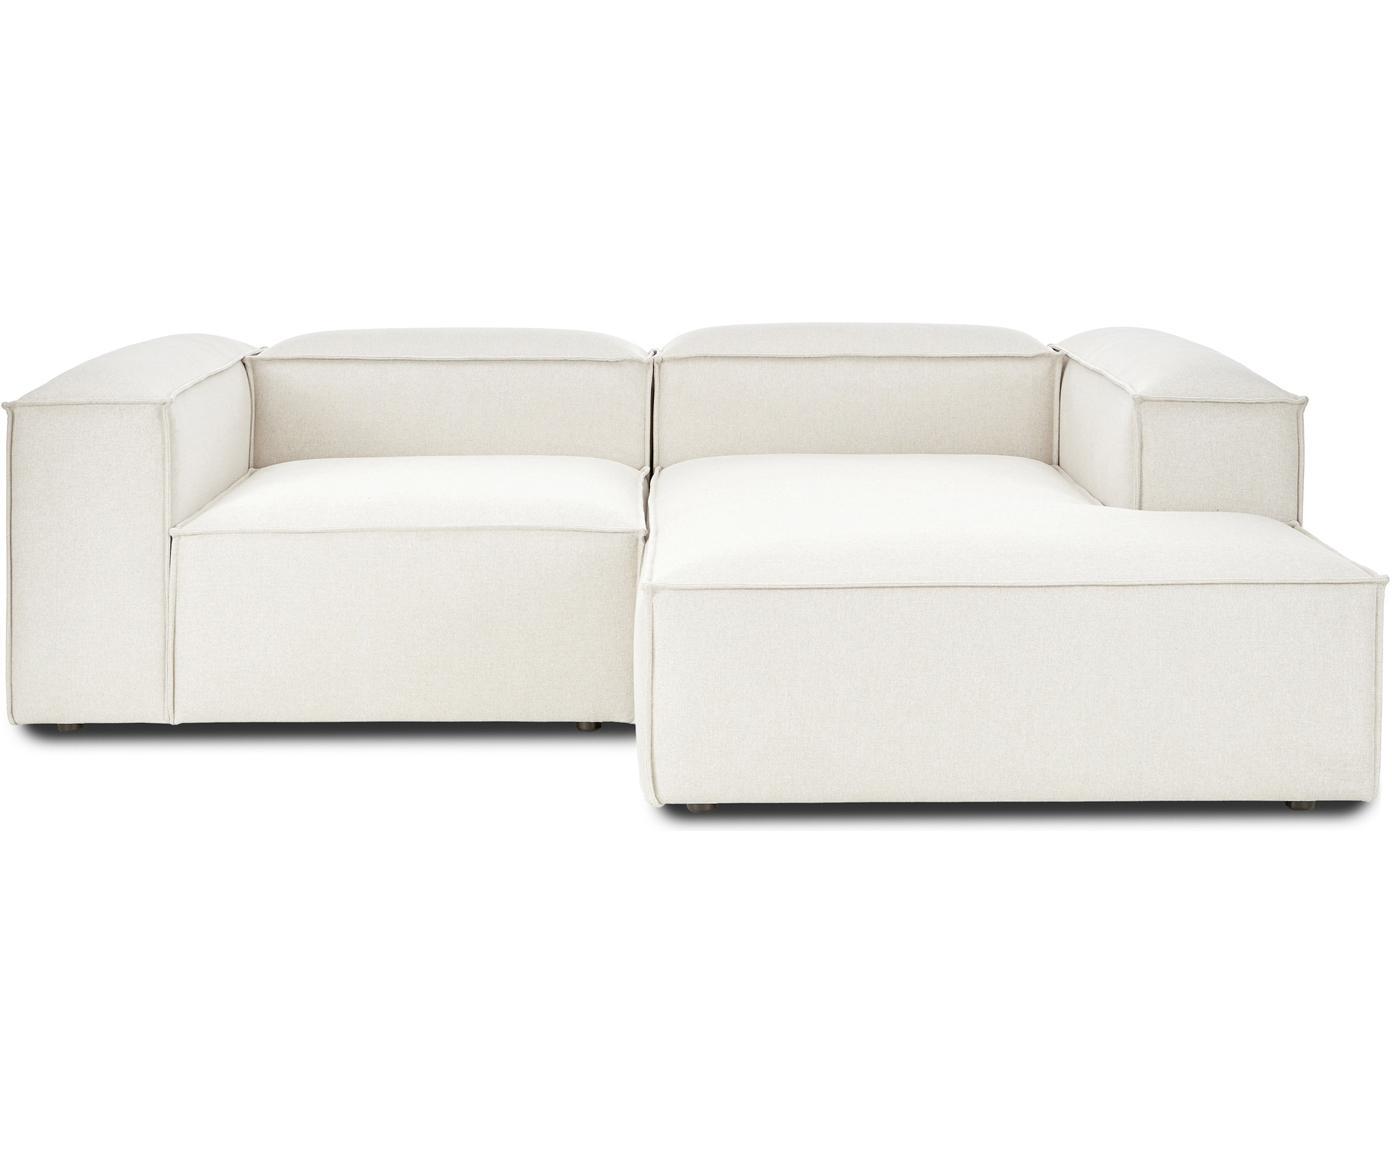 Sofa modułowa narożna Lennon, Tapicerka: poliester 35 000 cykli w , Stelaż: lite drewno sosnowe, skle, Nogi: tworzywo sztuczne, Beżowy, S 238 x G 180 cm